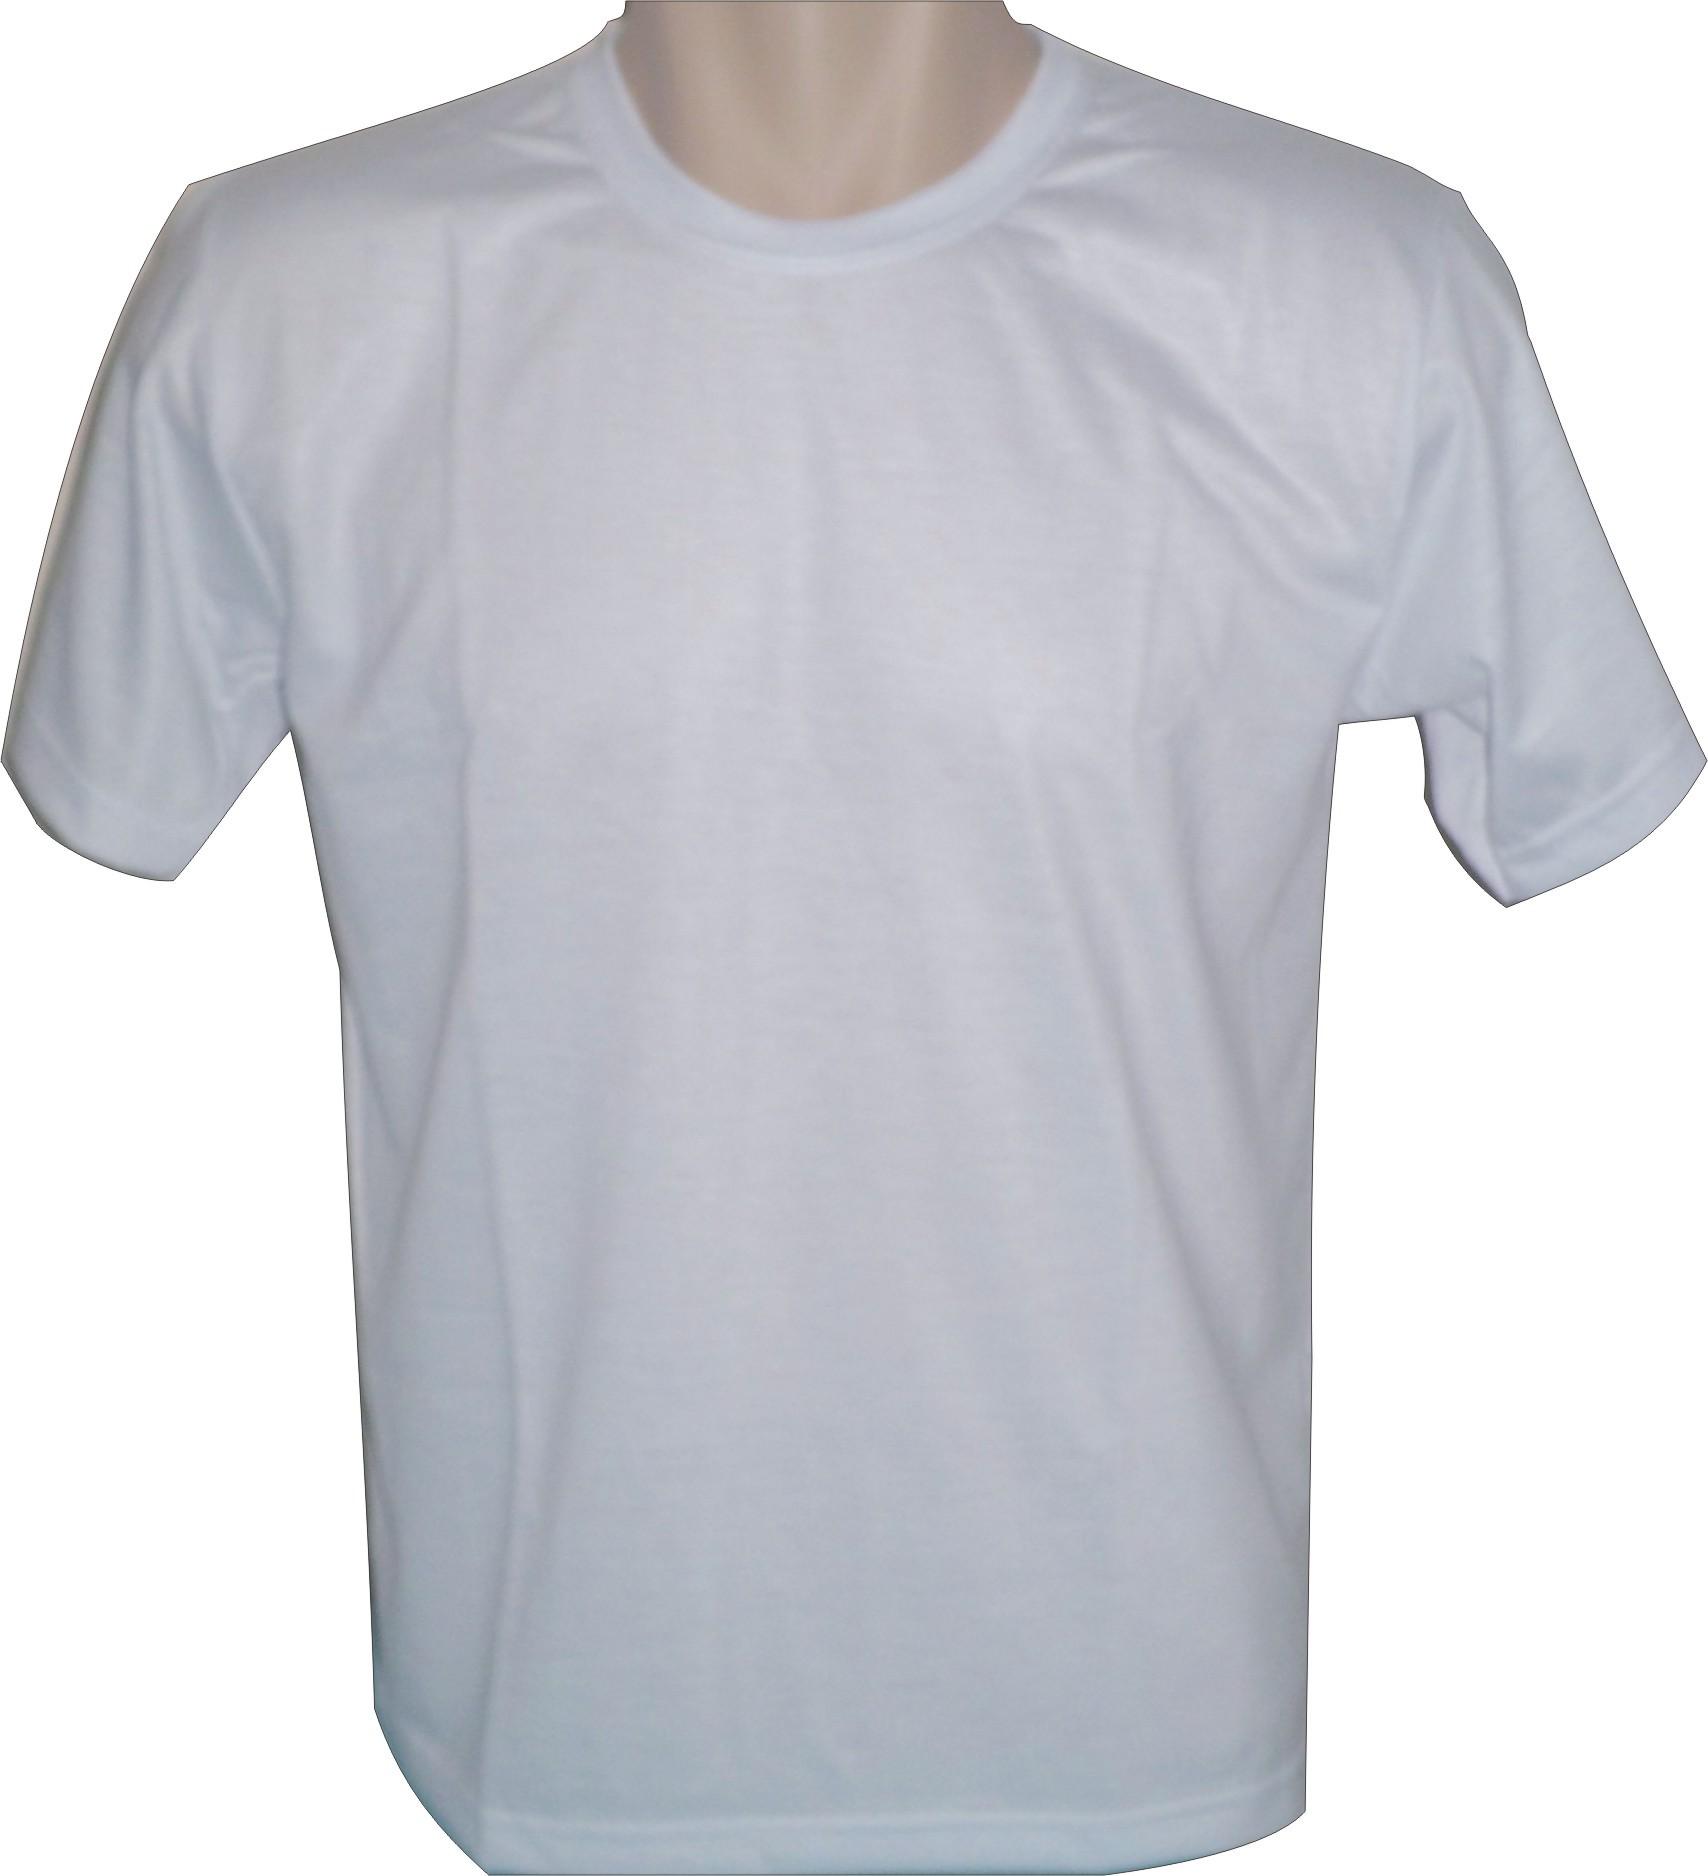 6ab29c2a56 Camiseta em Malha PP (100% Poliester) para Sublimação